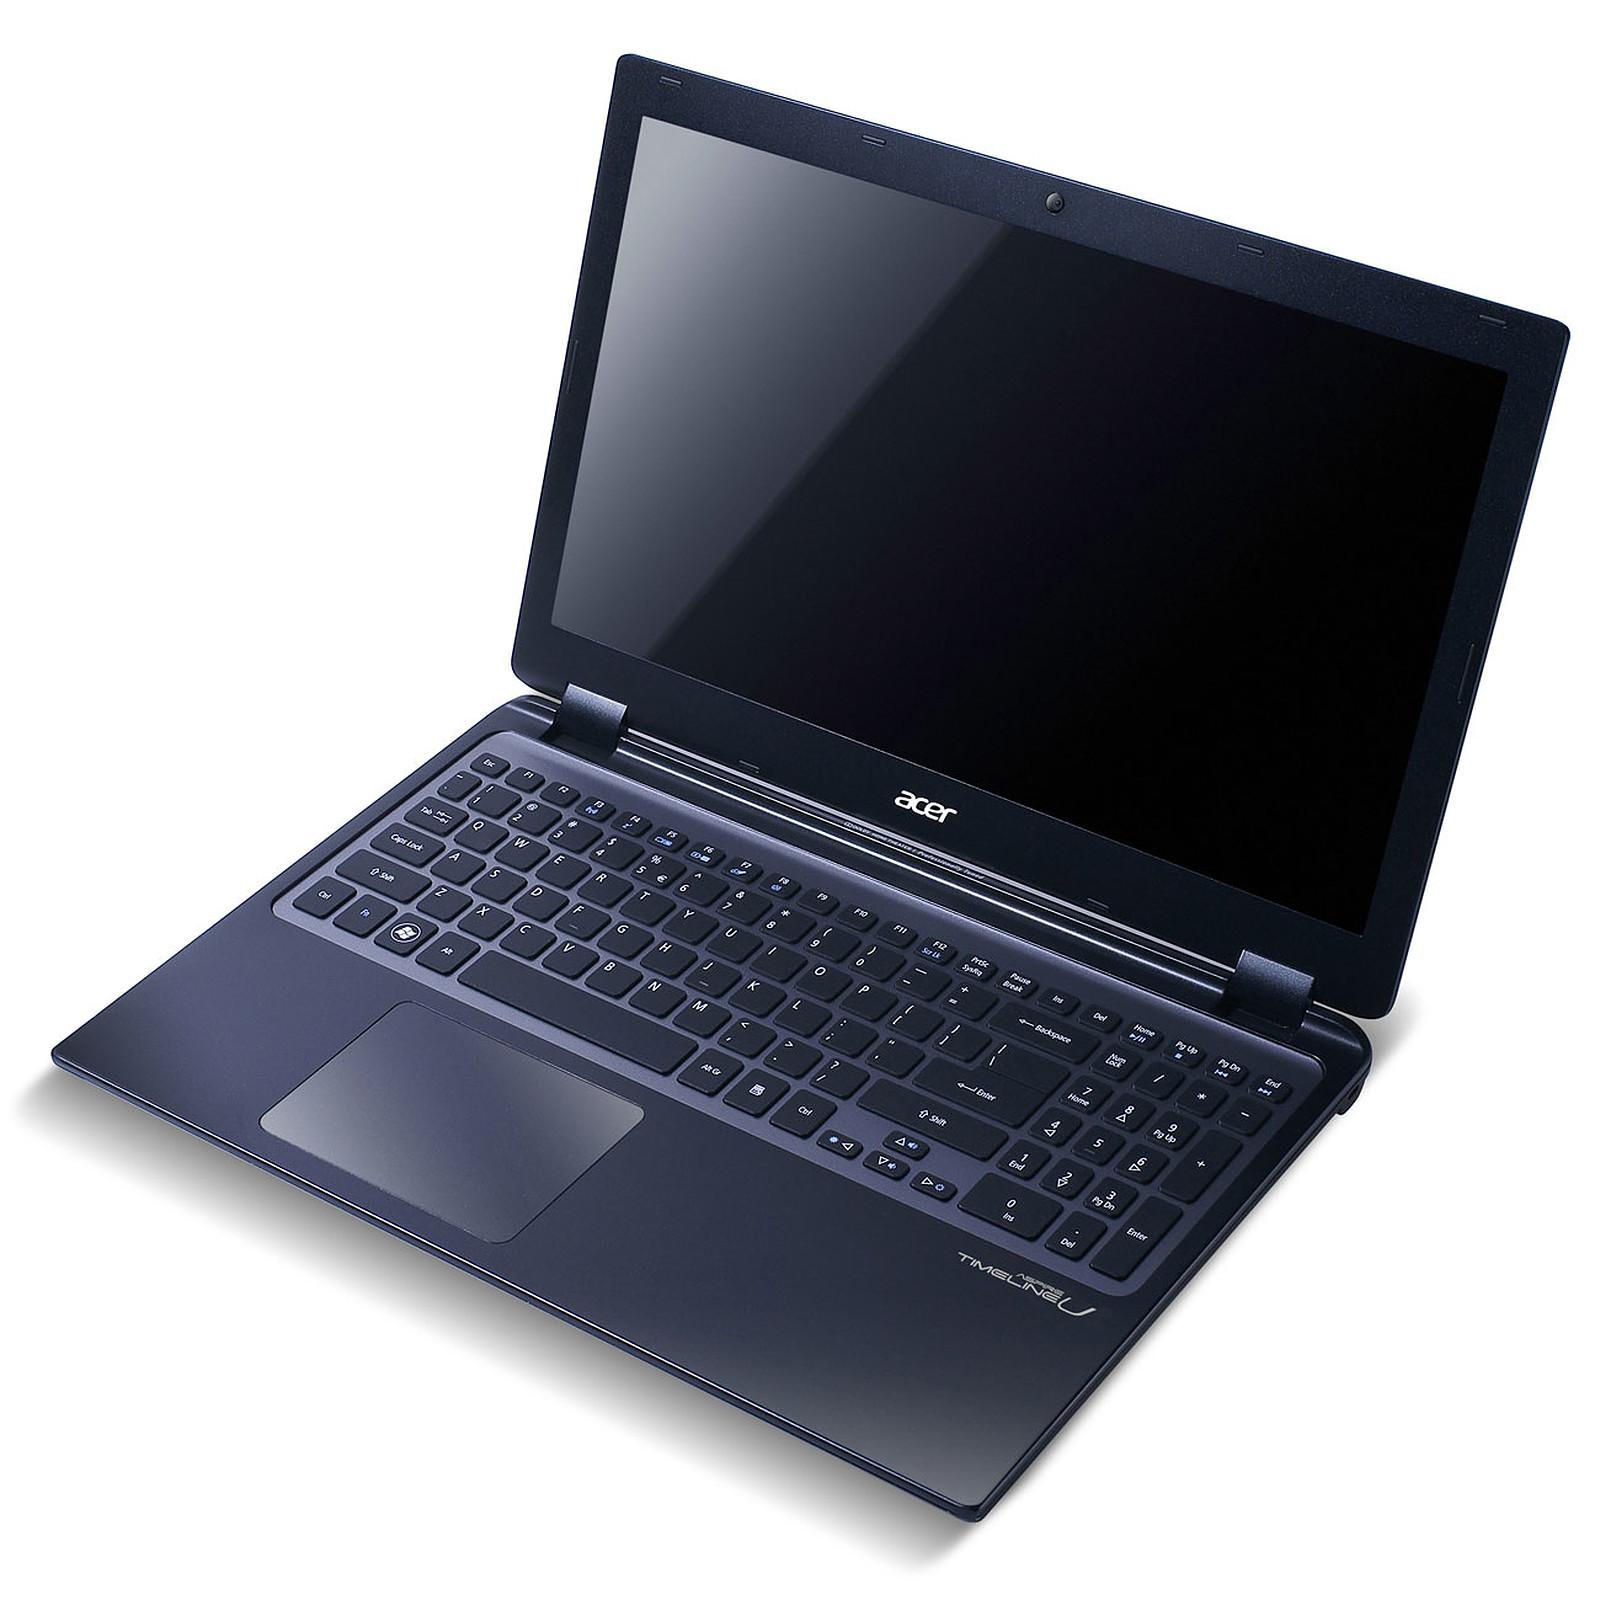 Acer Aspire TimeLineU M3-581TG-52464G52Mnkk